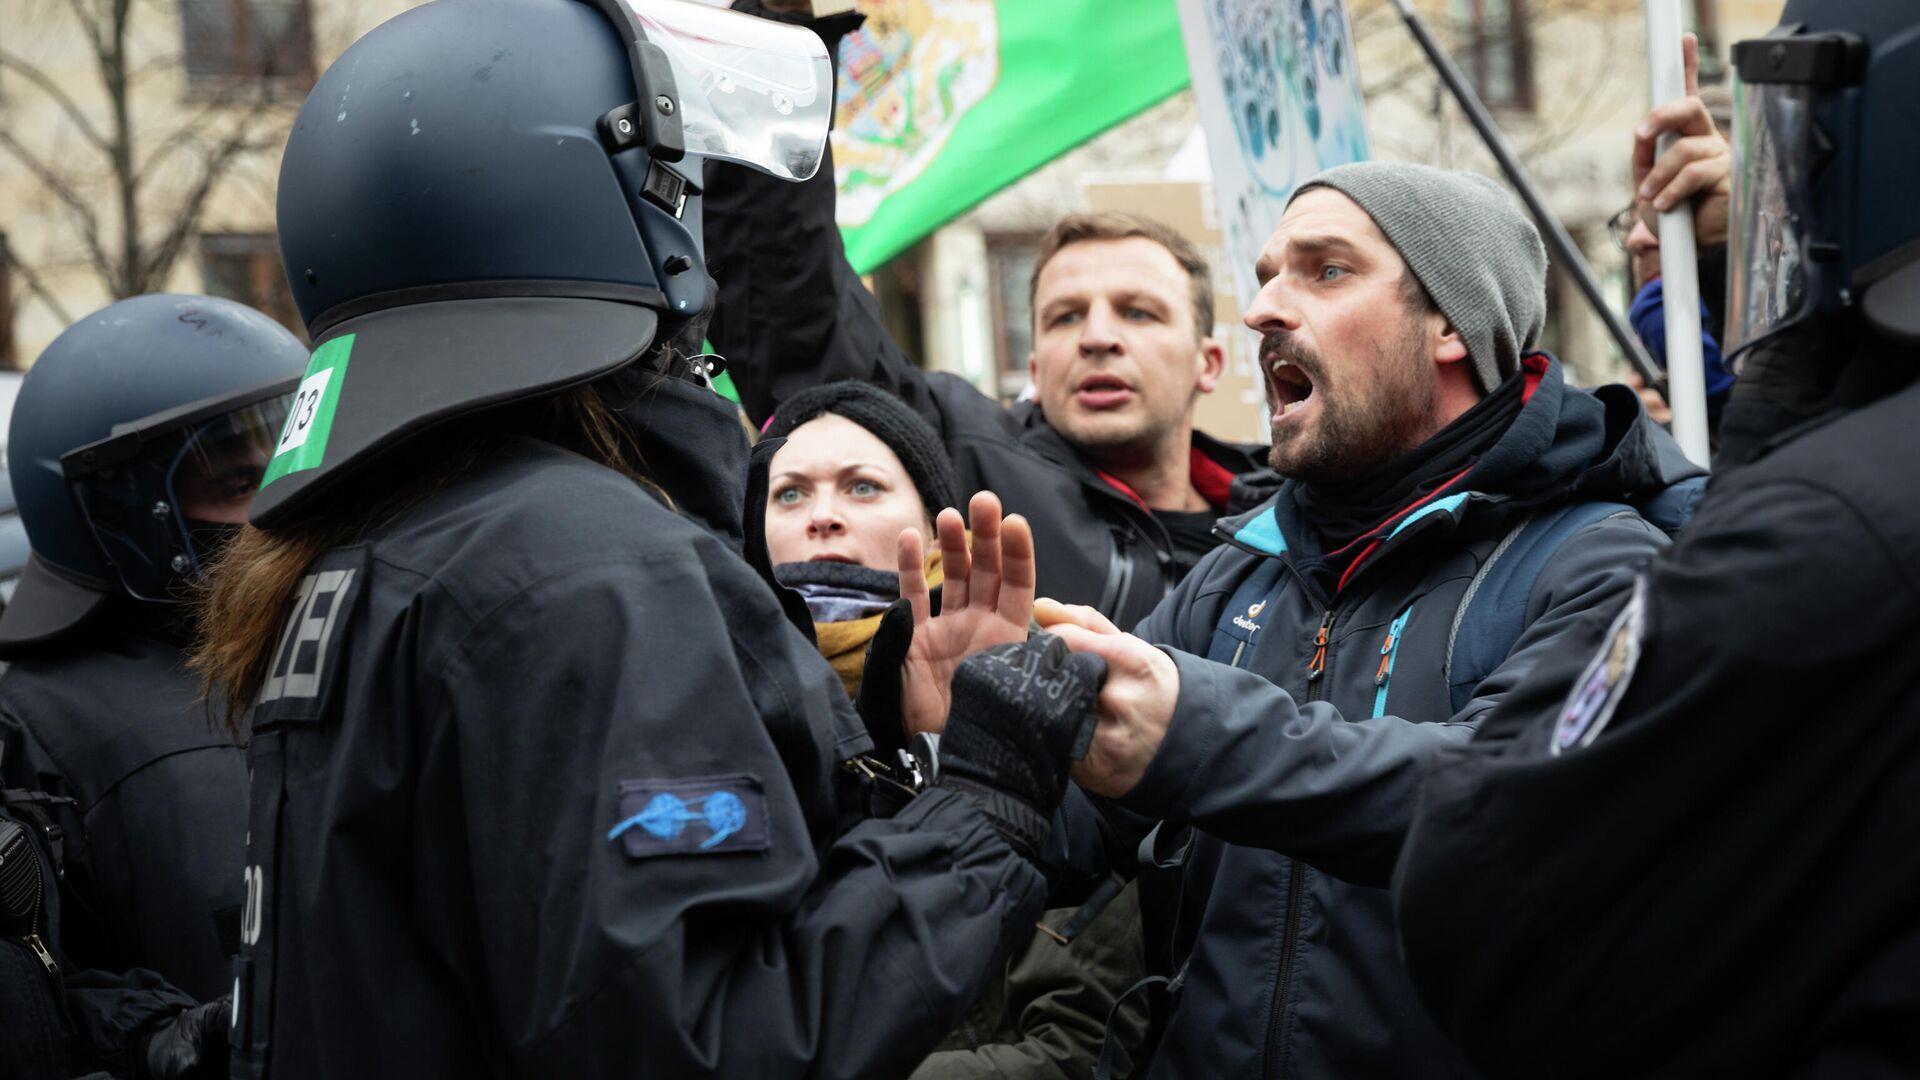 Участники акции протеста против мер по борьбе с коронавирусом в Берлине - РИА Новости, 1920, 21.11.2020